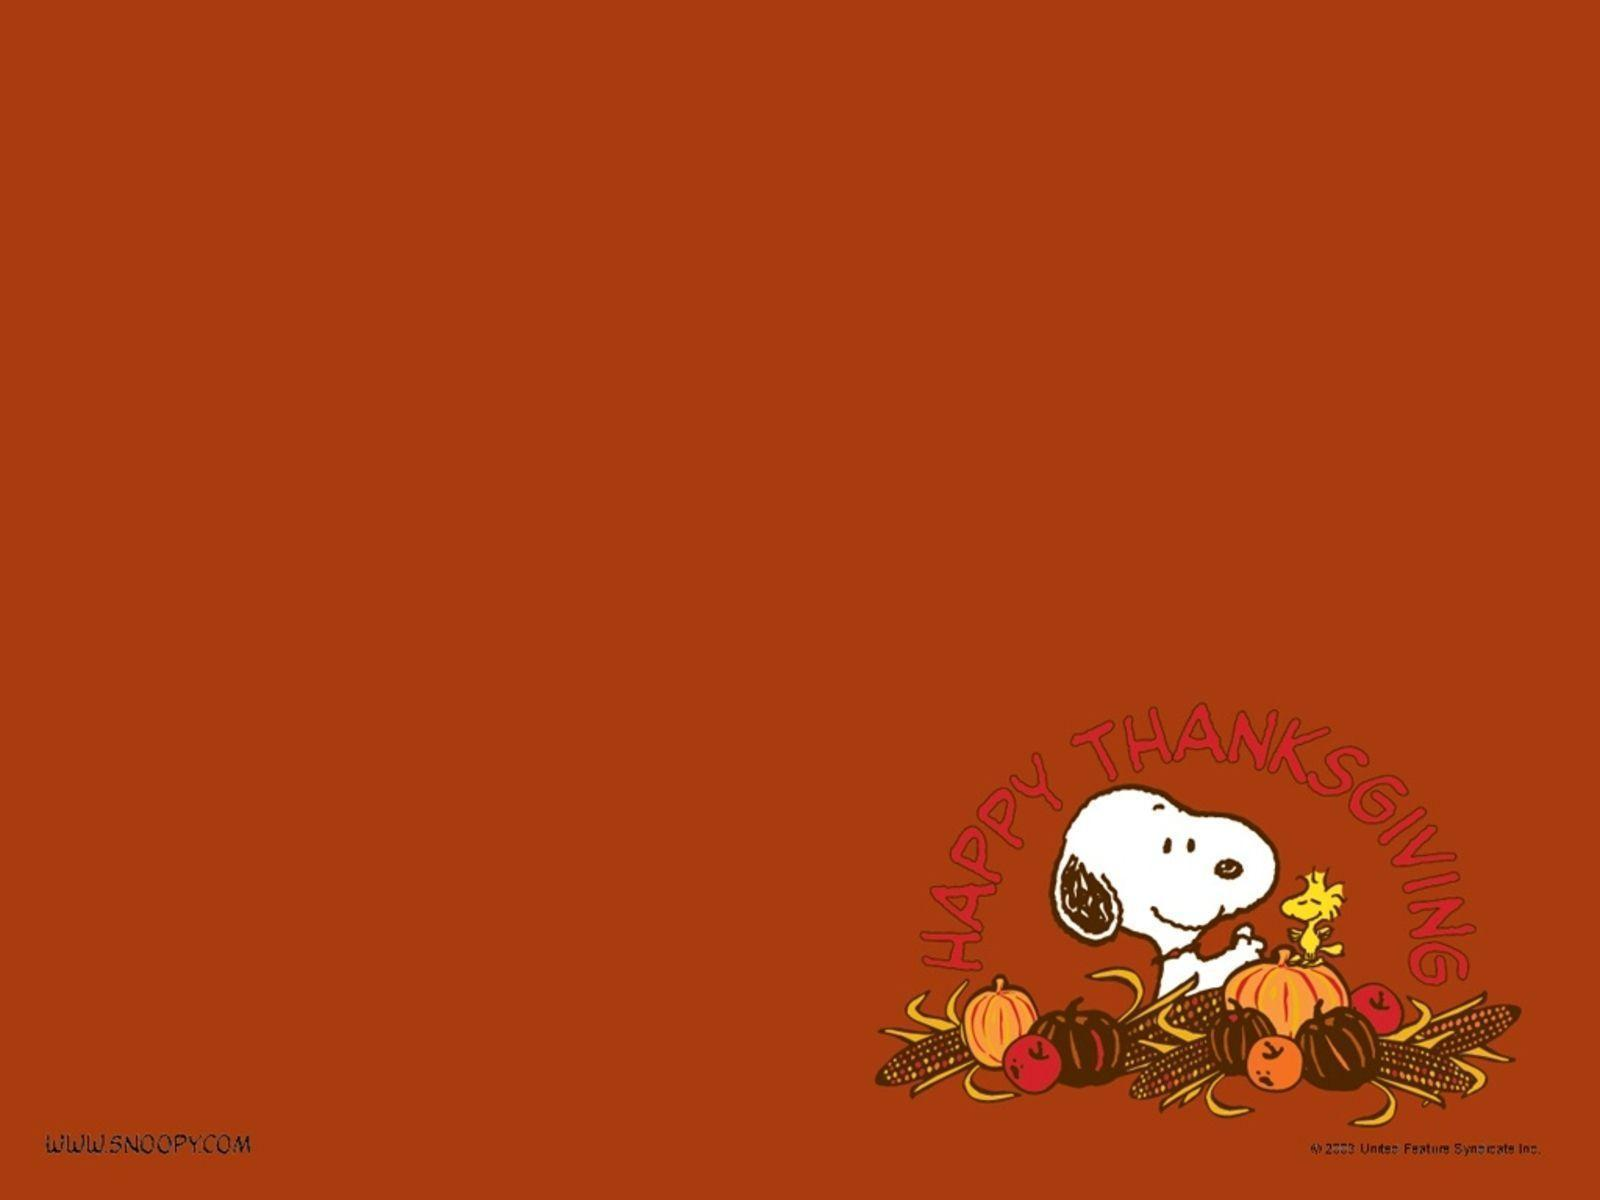 Thanksgiving Images HD Wallpaper - Beraplan.